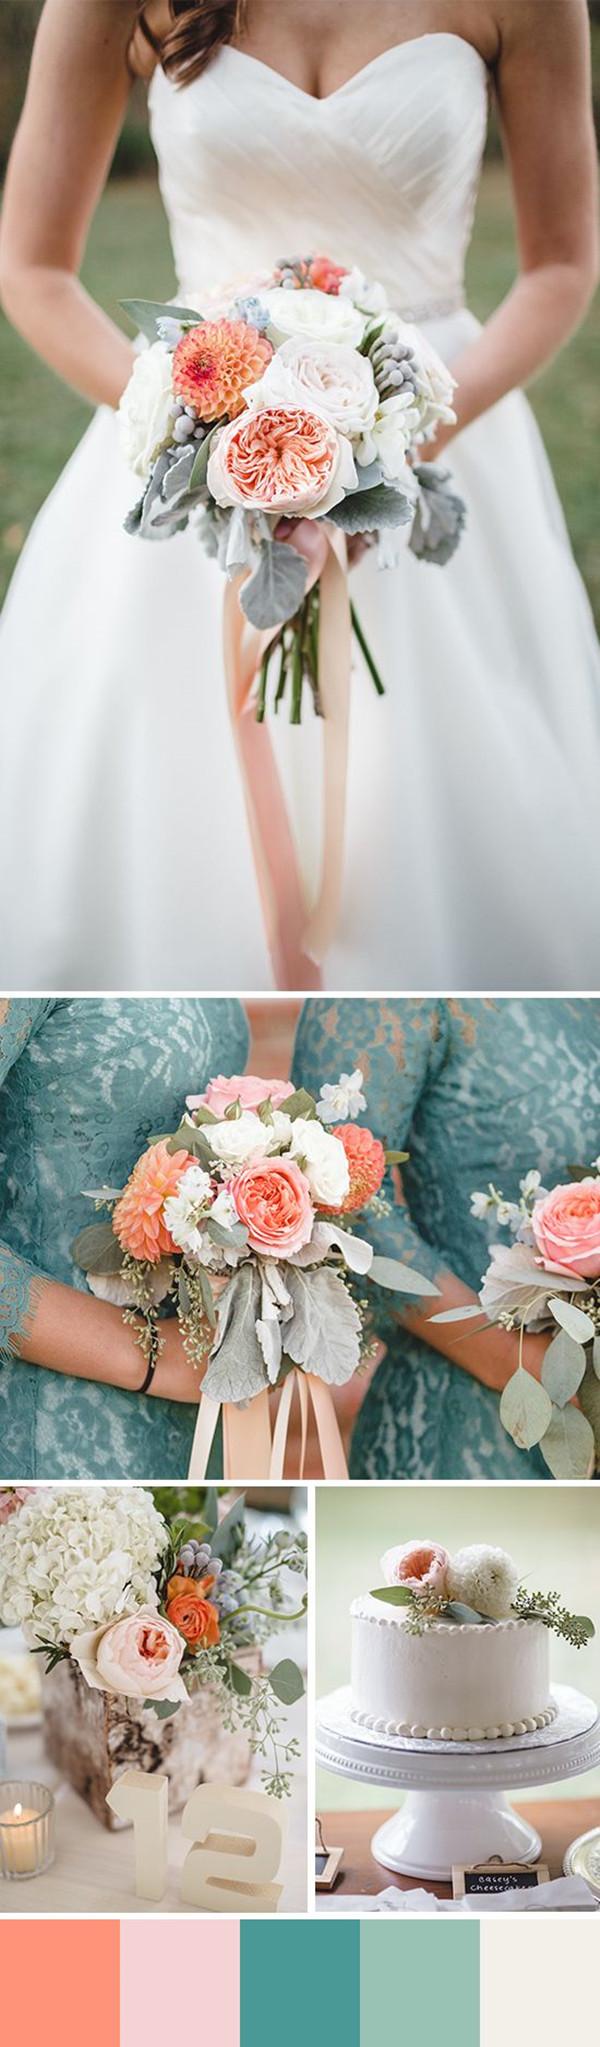 peach-and-teal-wedding-color-ideas-for-2016.jpg